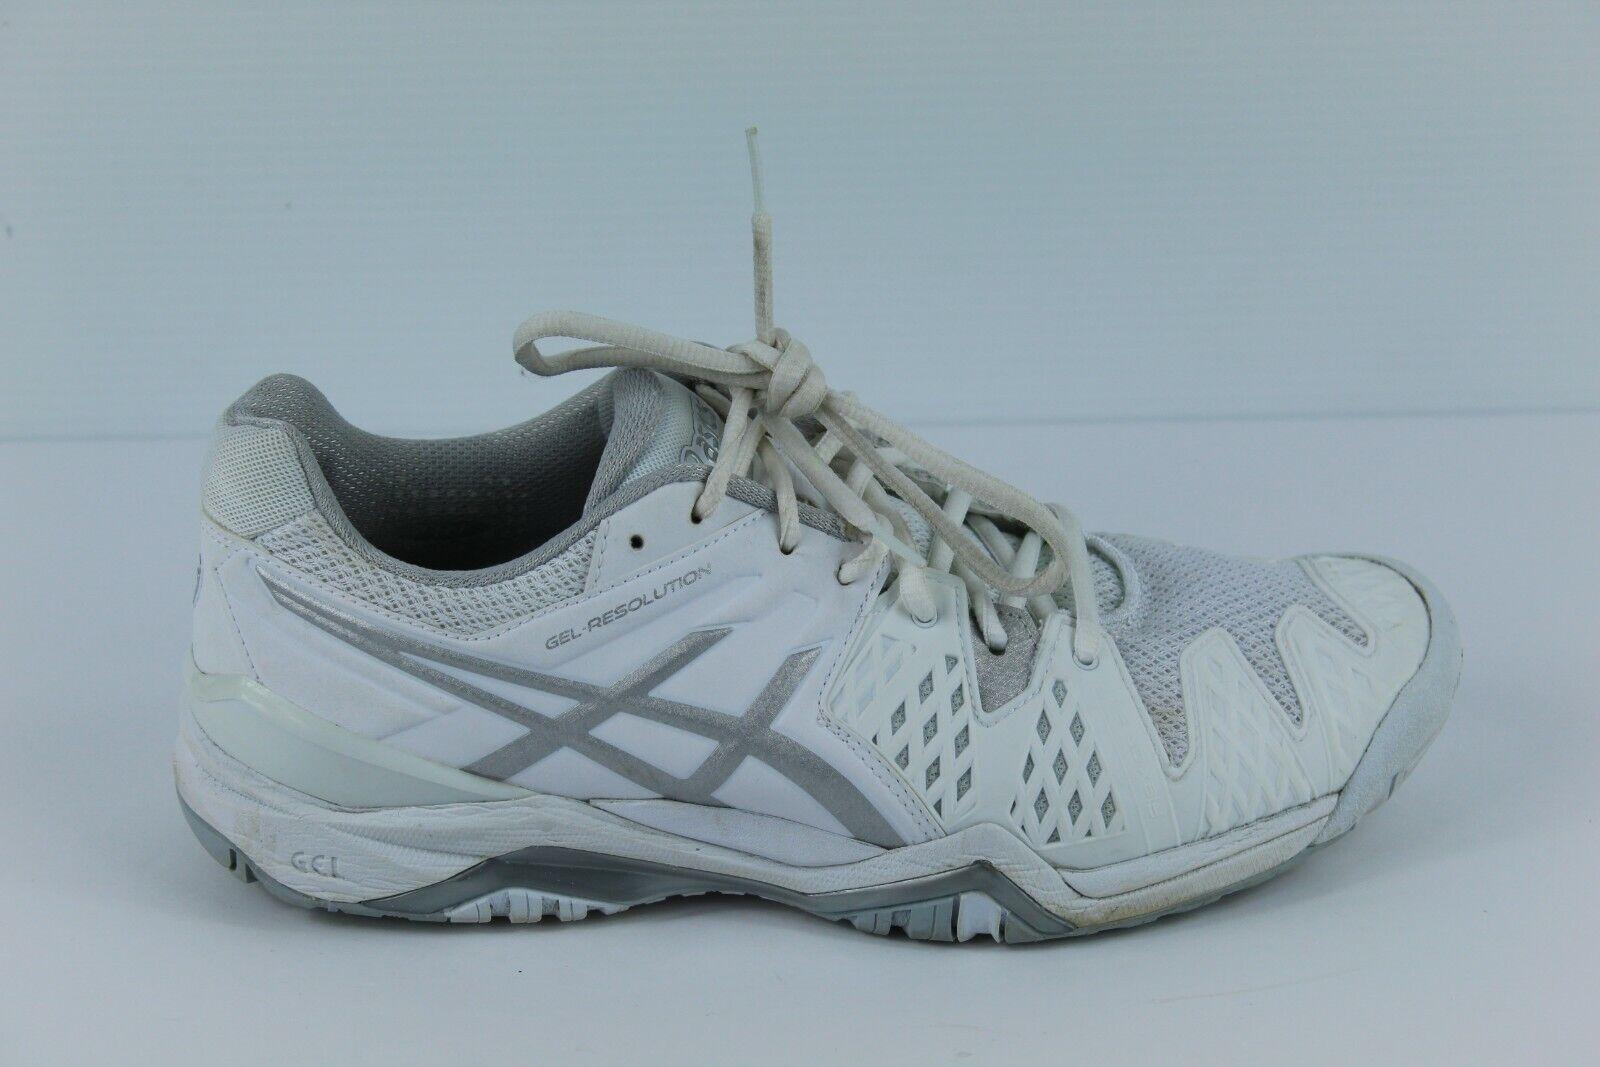 Asics Gel-Resolution 6-blanc-chaussures femme Taille 11 E550Y Euro 43.5 très bon état